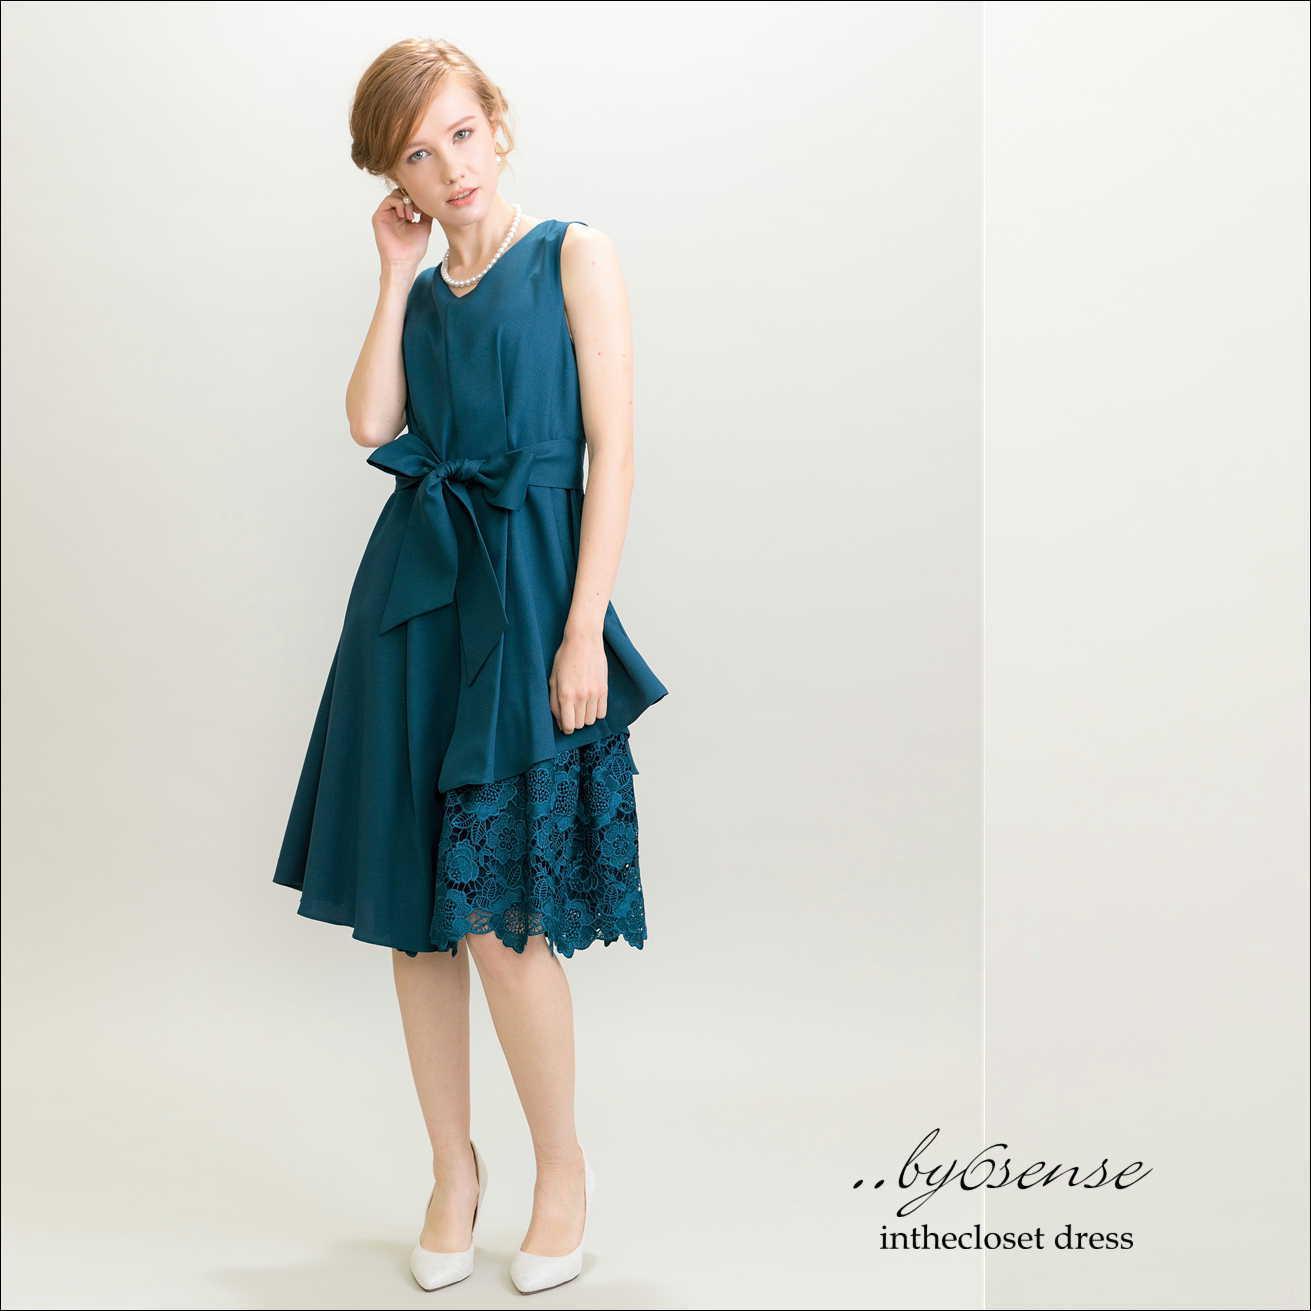 4color サッシュベルト付き裾アシメレースミドル丈ワンピースDorryDollドリードールドレス グリーン